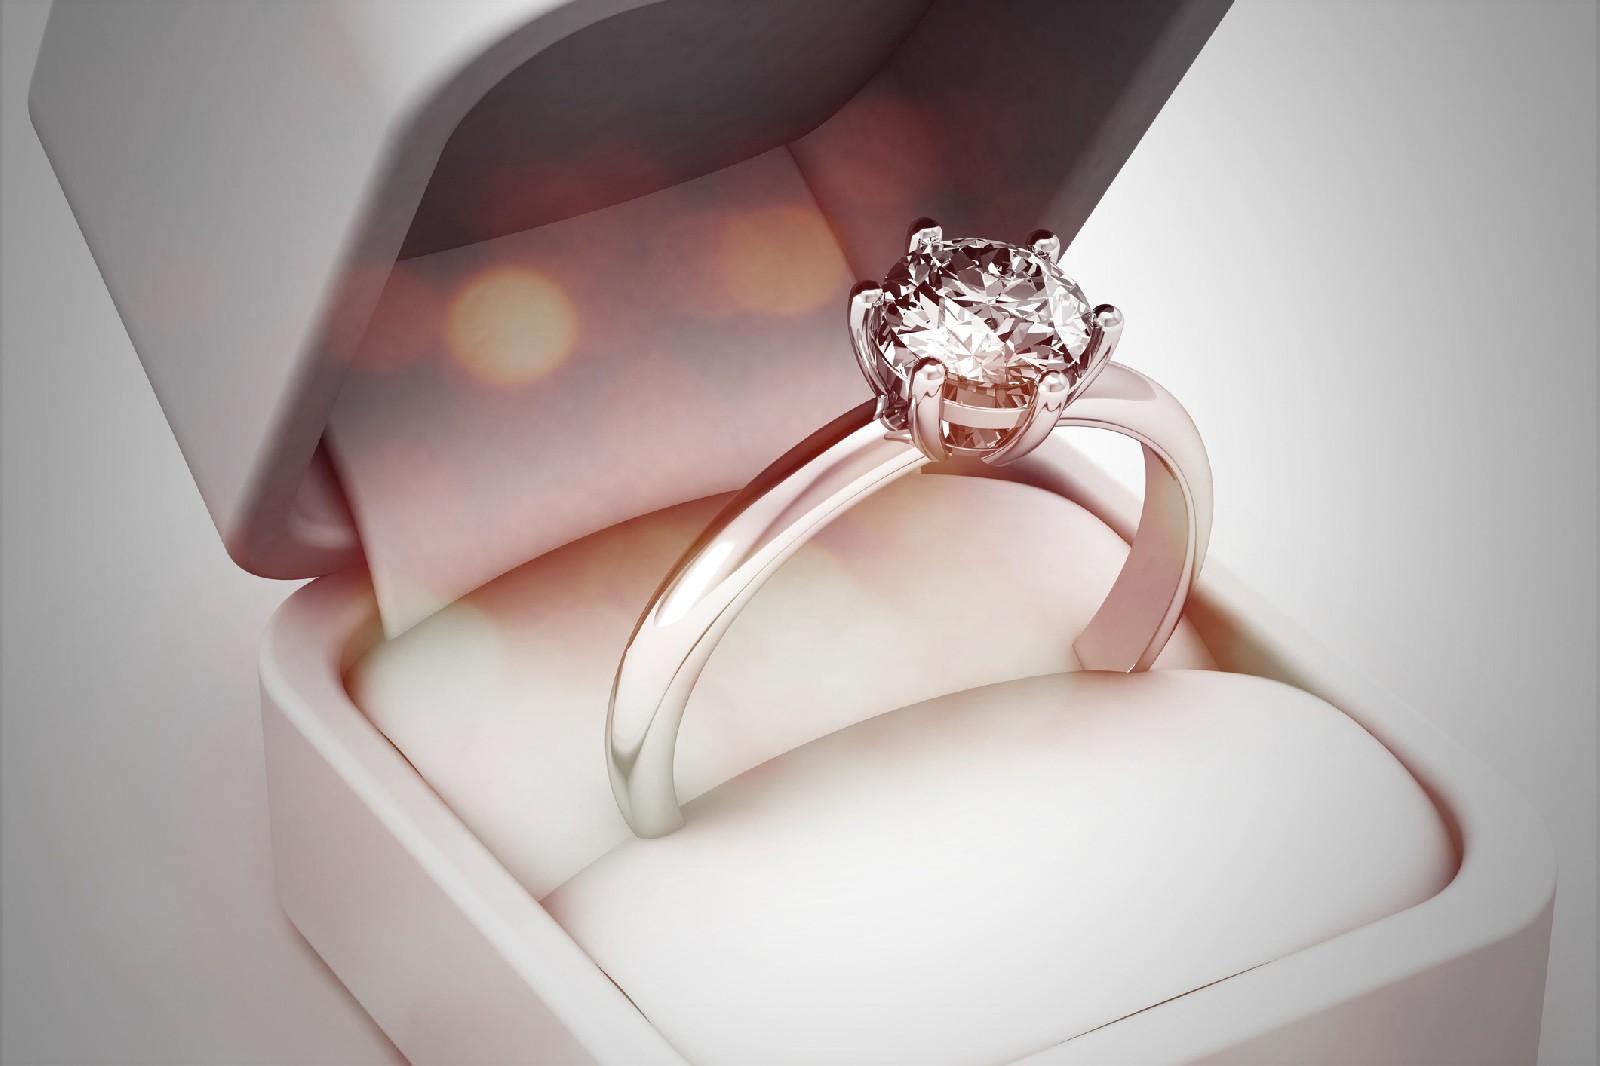 Złoty pierścionek - jak wybrać najlepszą biżuterię na każdą okazję?